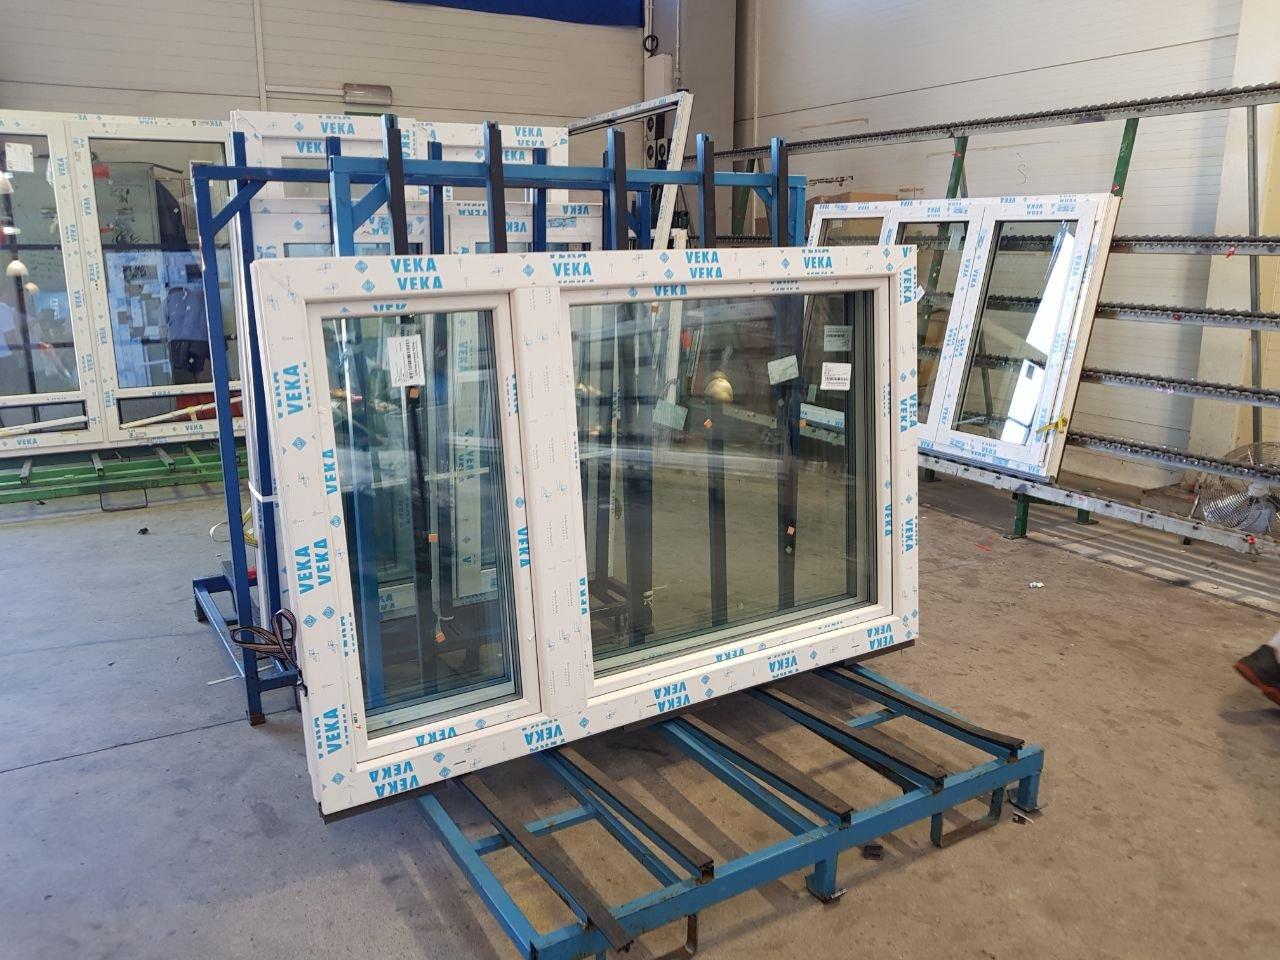 Gut bekannt Kunststoff-Fenster Veka 70 AD Weiß: Amazon.de: Baumarkt DK61